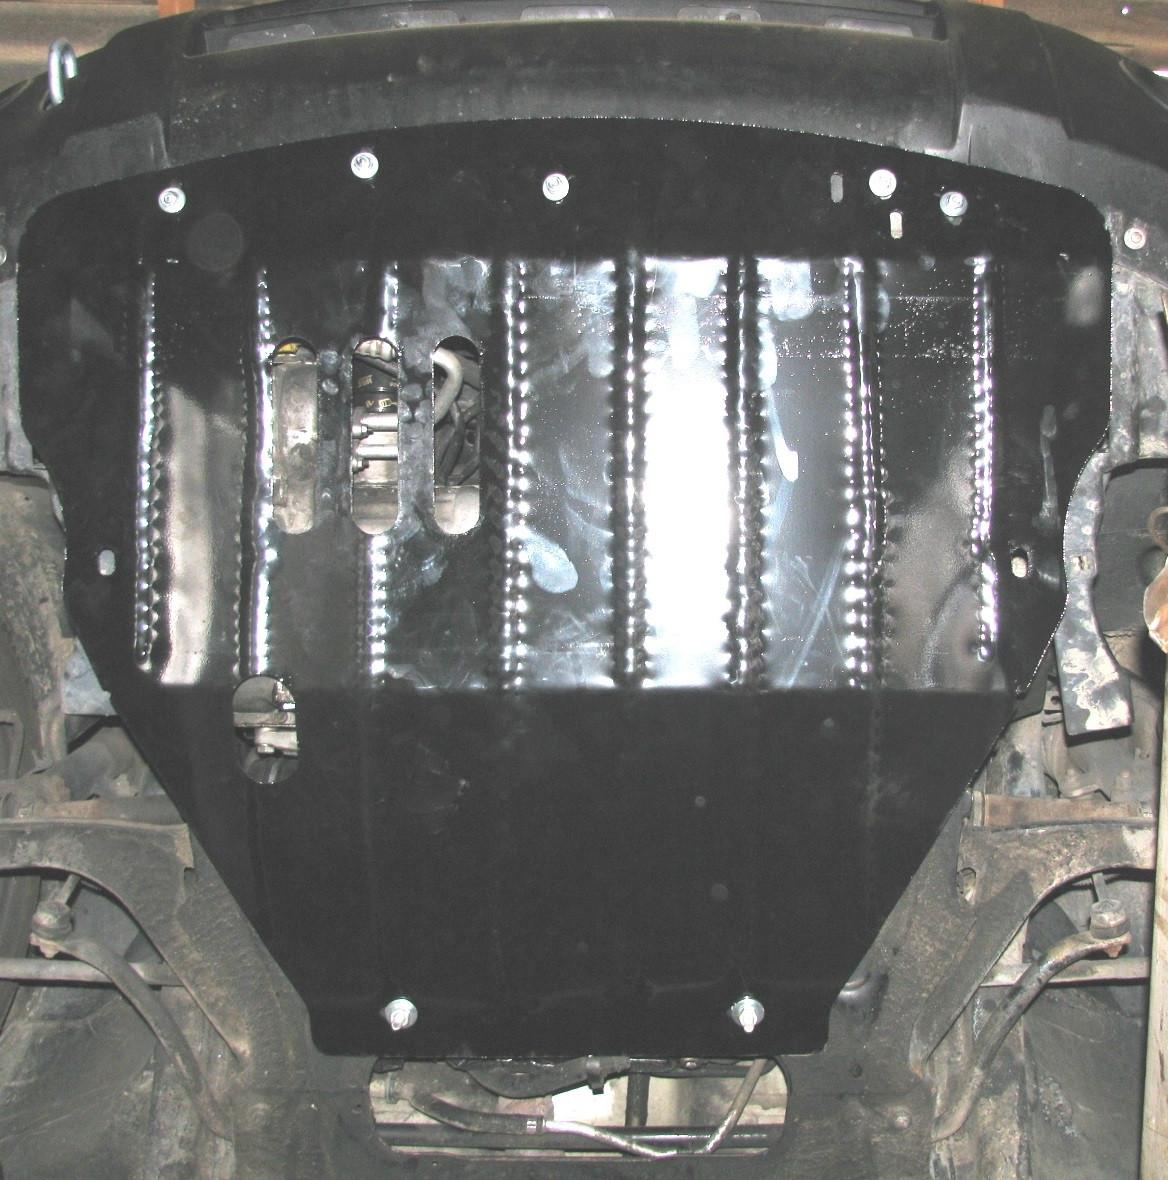 Захист Citroen Berlingo (1996-2008) 1,4; 1,6; 1,8; 1,6 D; 1,9 D 2,0 HDI